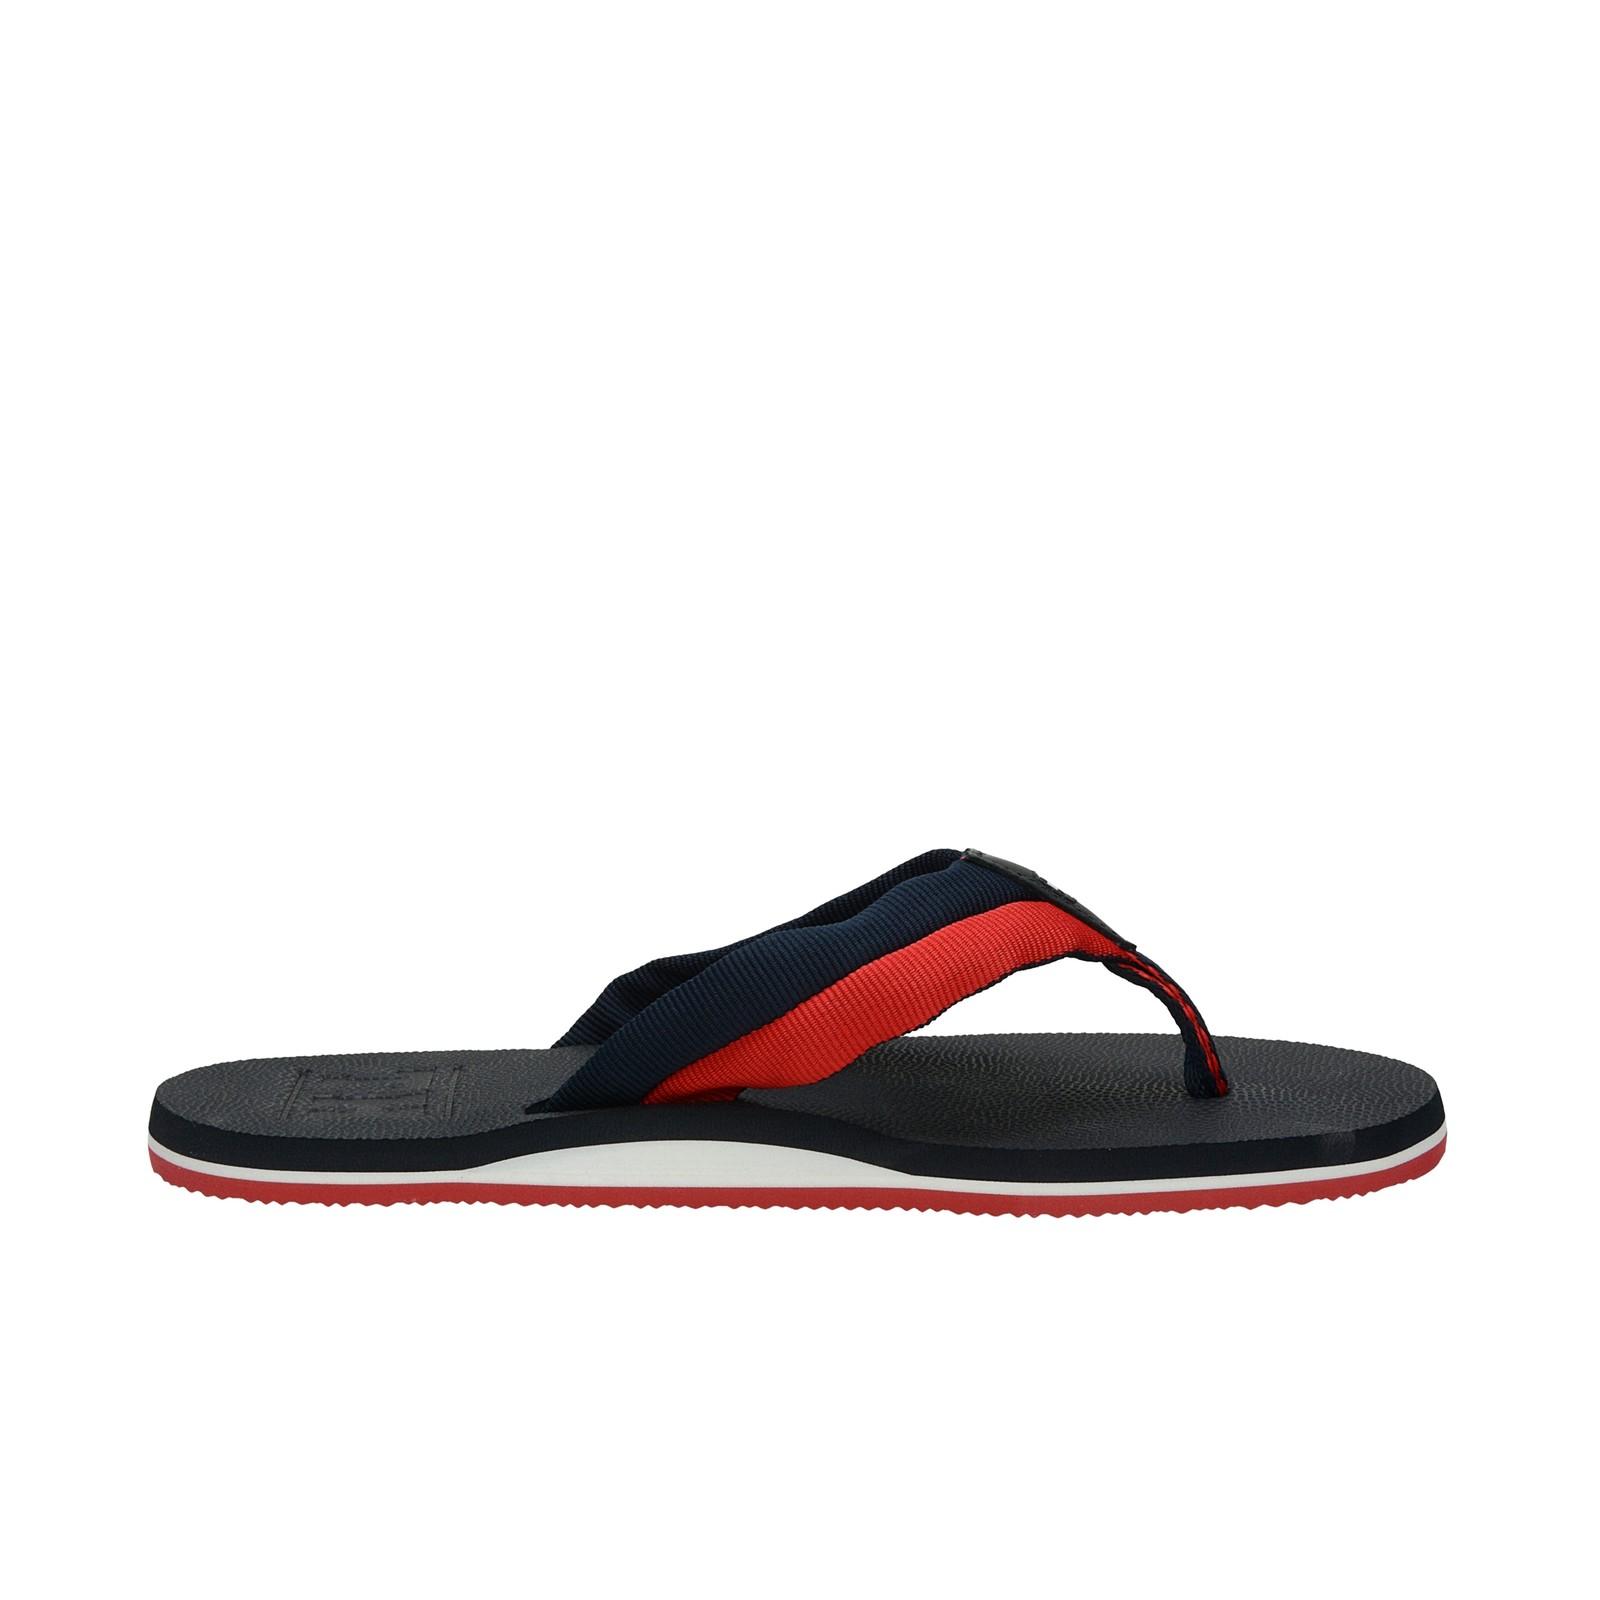 Tommy Hilfiger pánské stylové plážovky - tmavomodré